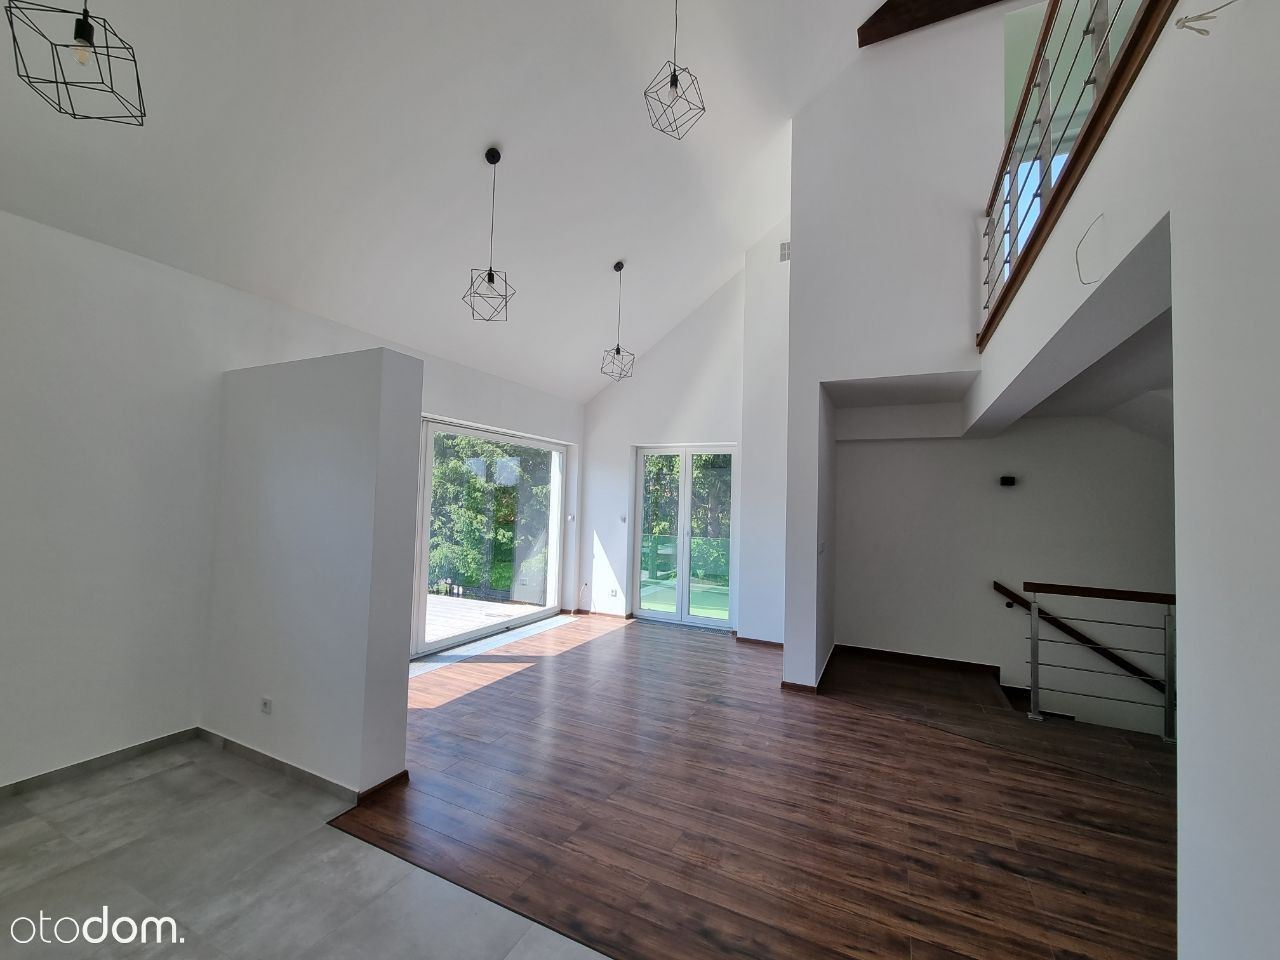 Mieszkanie na sprzedaż - Skawina - 100,0m2